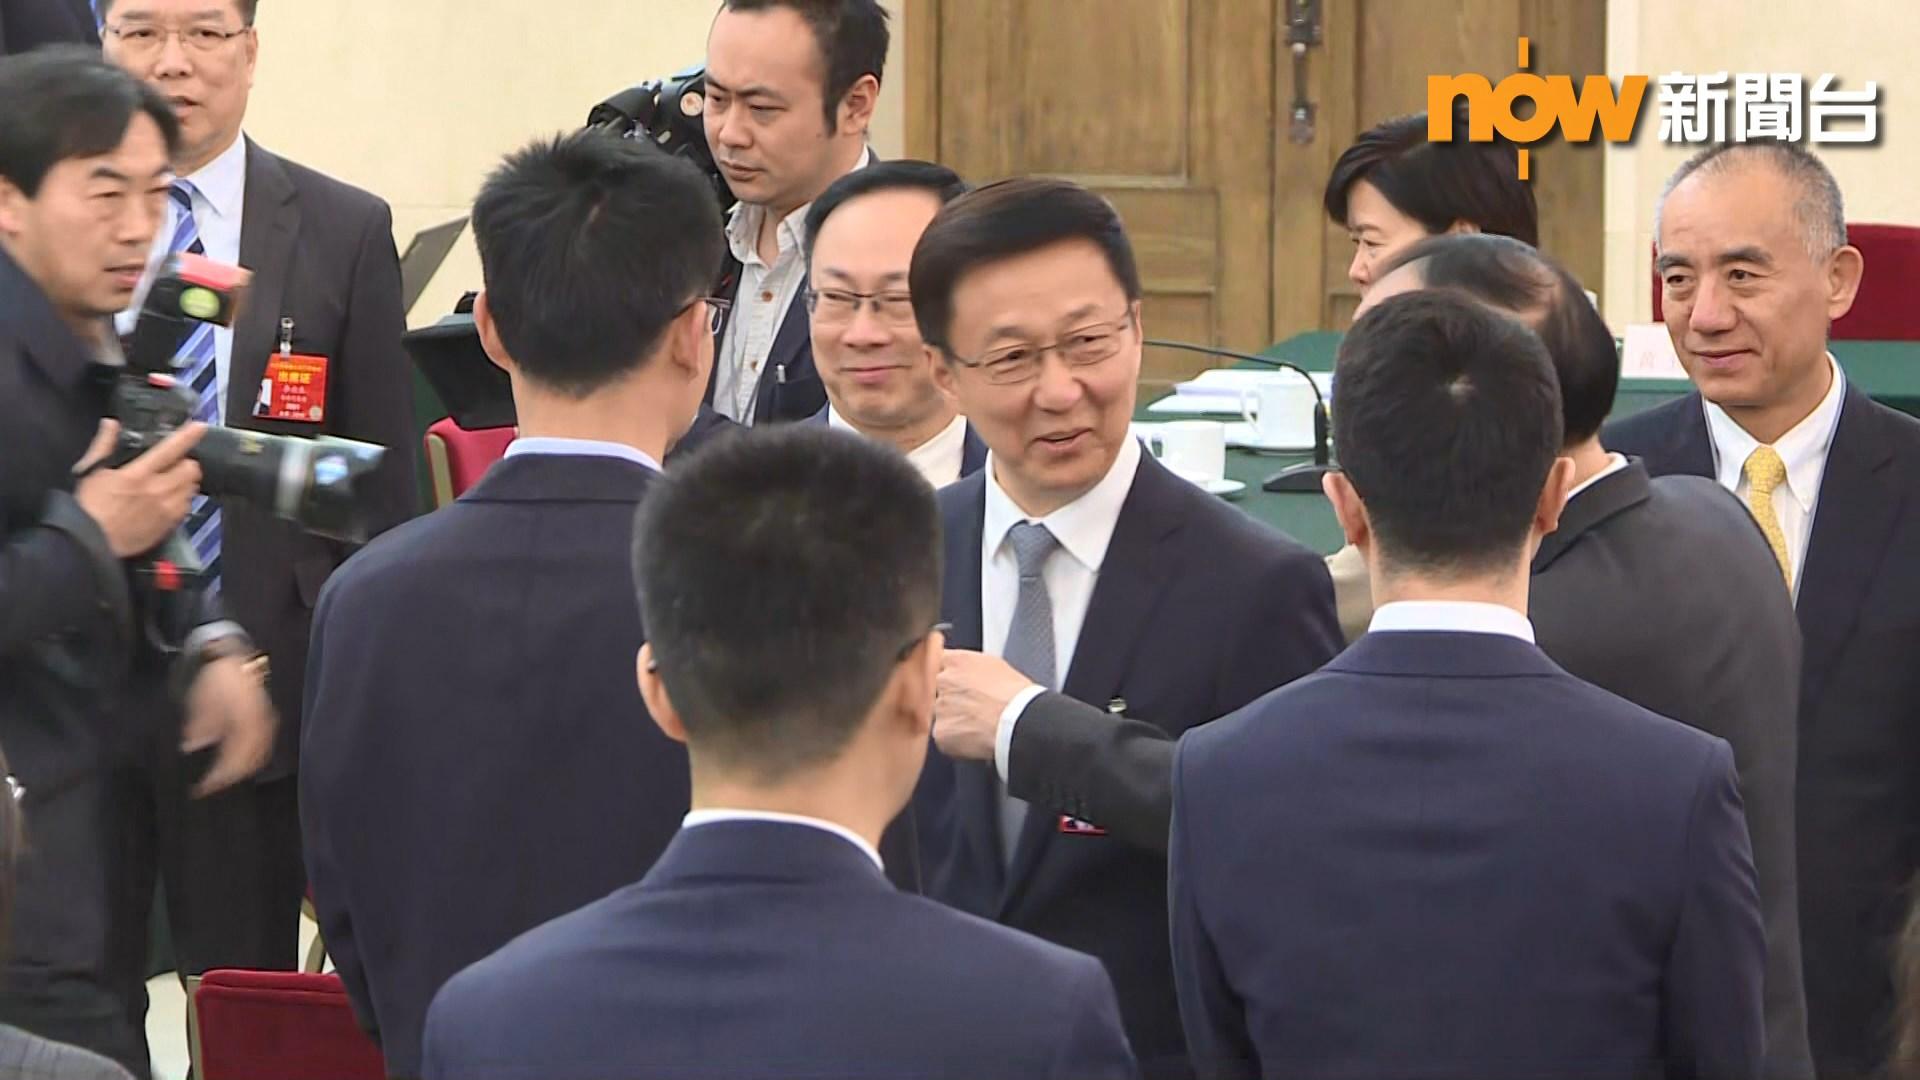 大灣區發展與香港長期繁榮穩定有直接關係